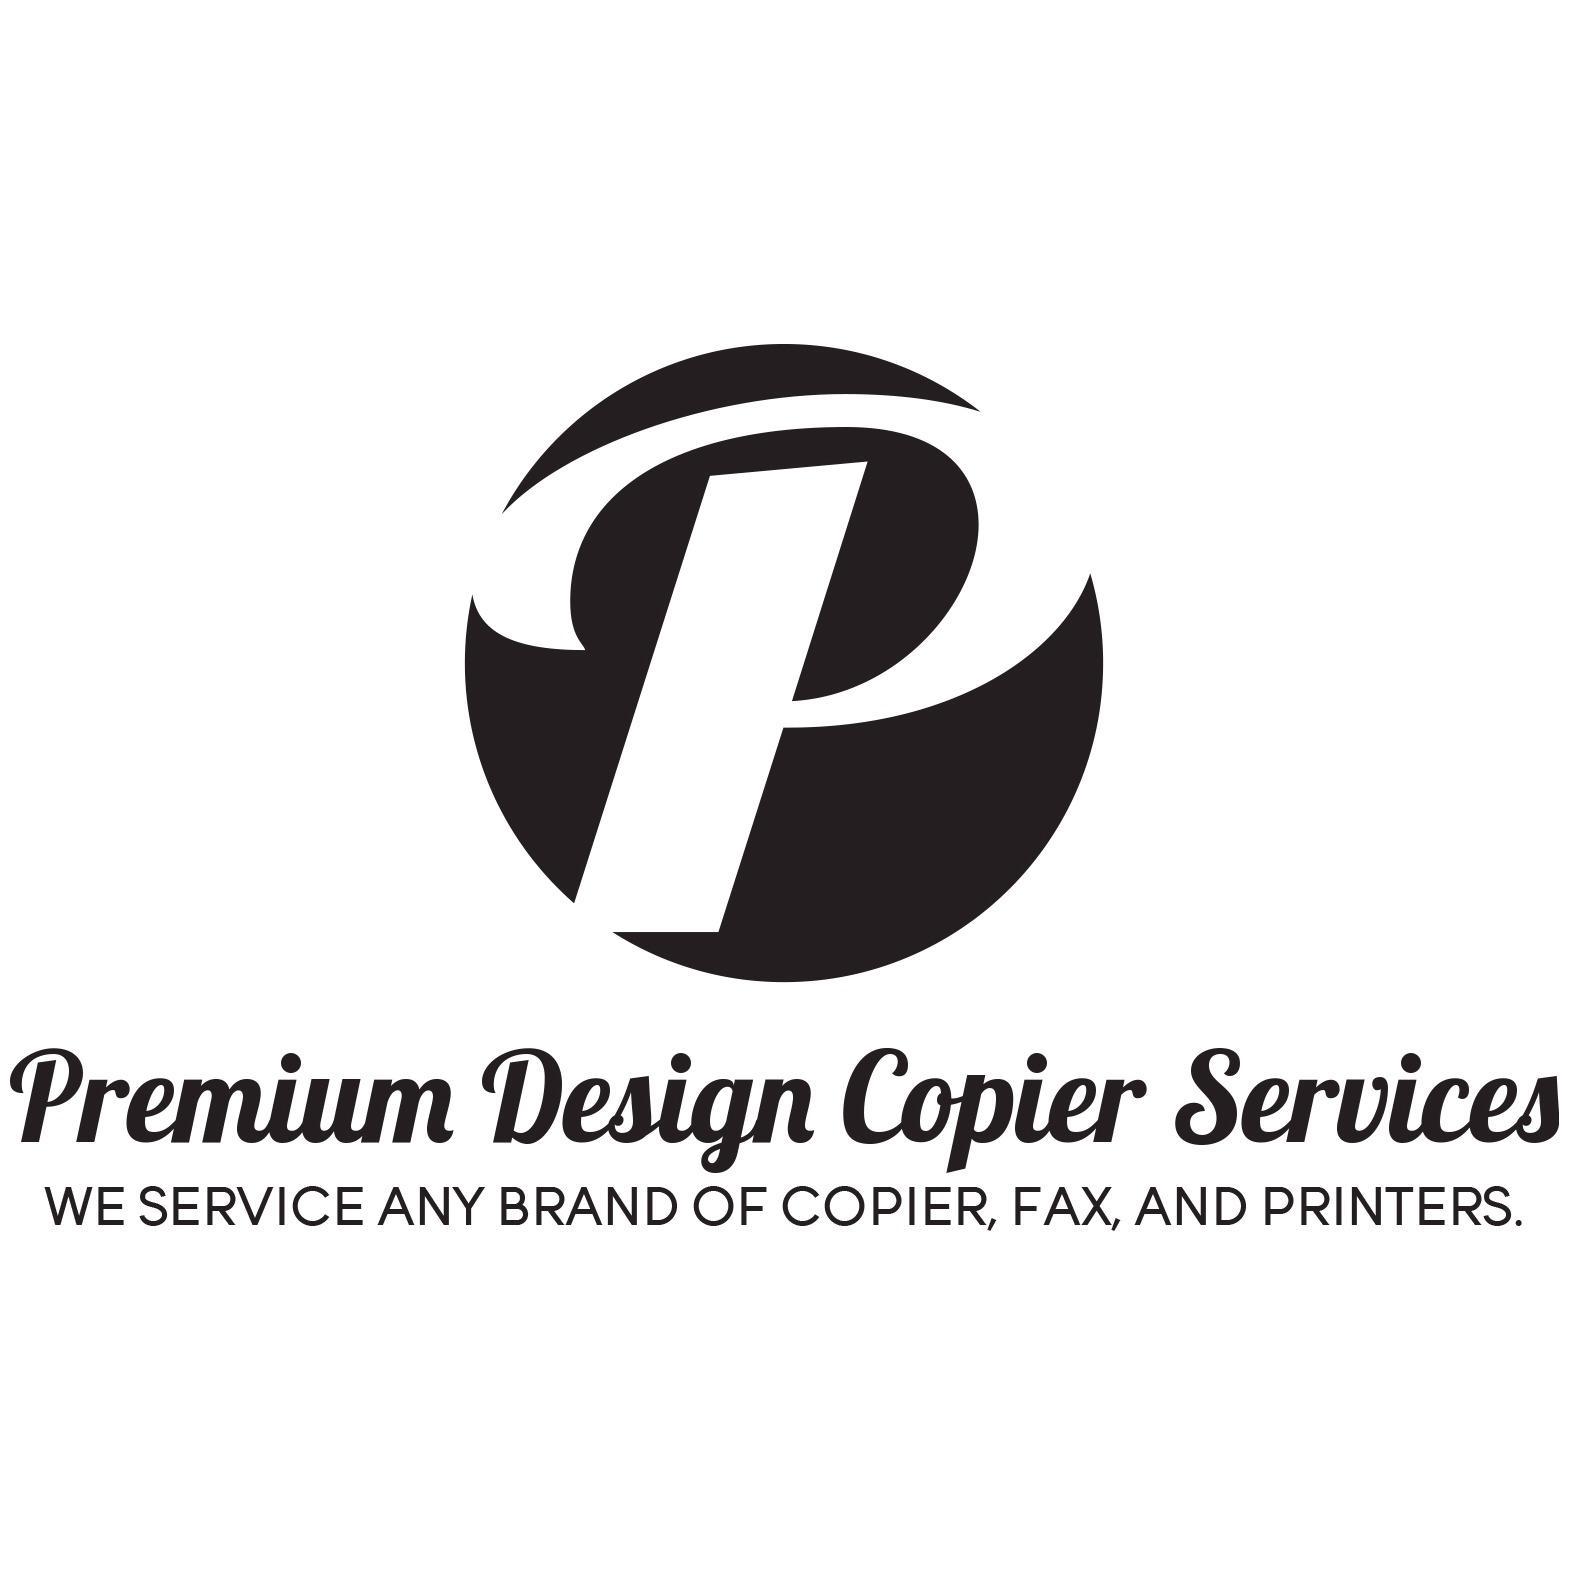 Premium Design Copier Service